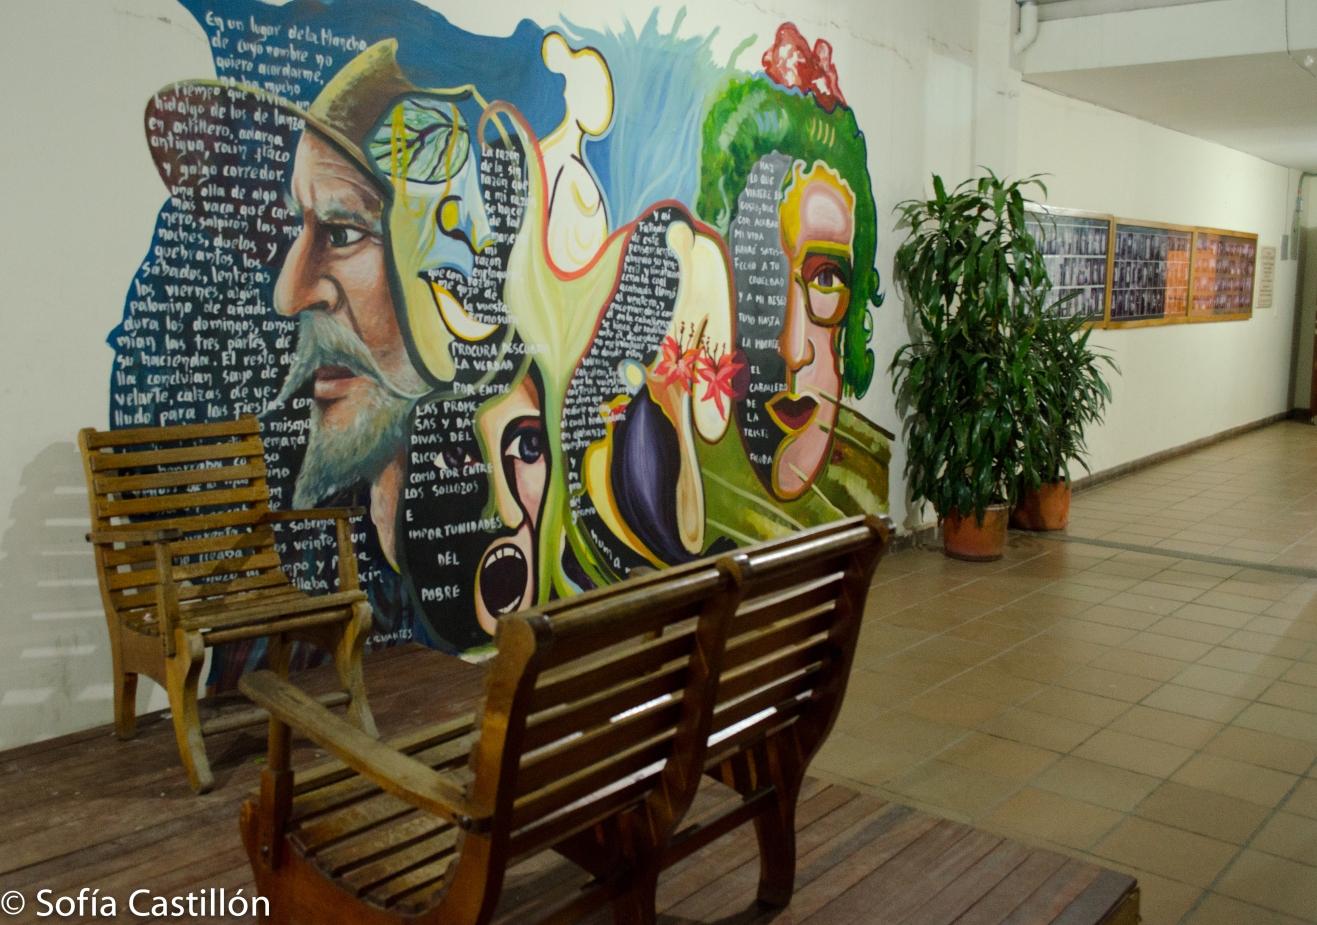 Entrada de la Casa de la Cultura, Municipio de El Santuario. Mural en la pared.